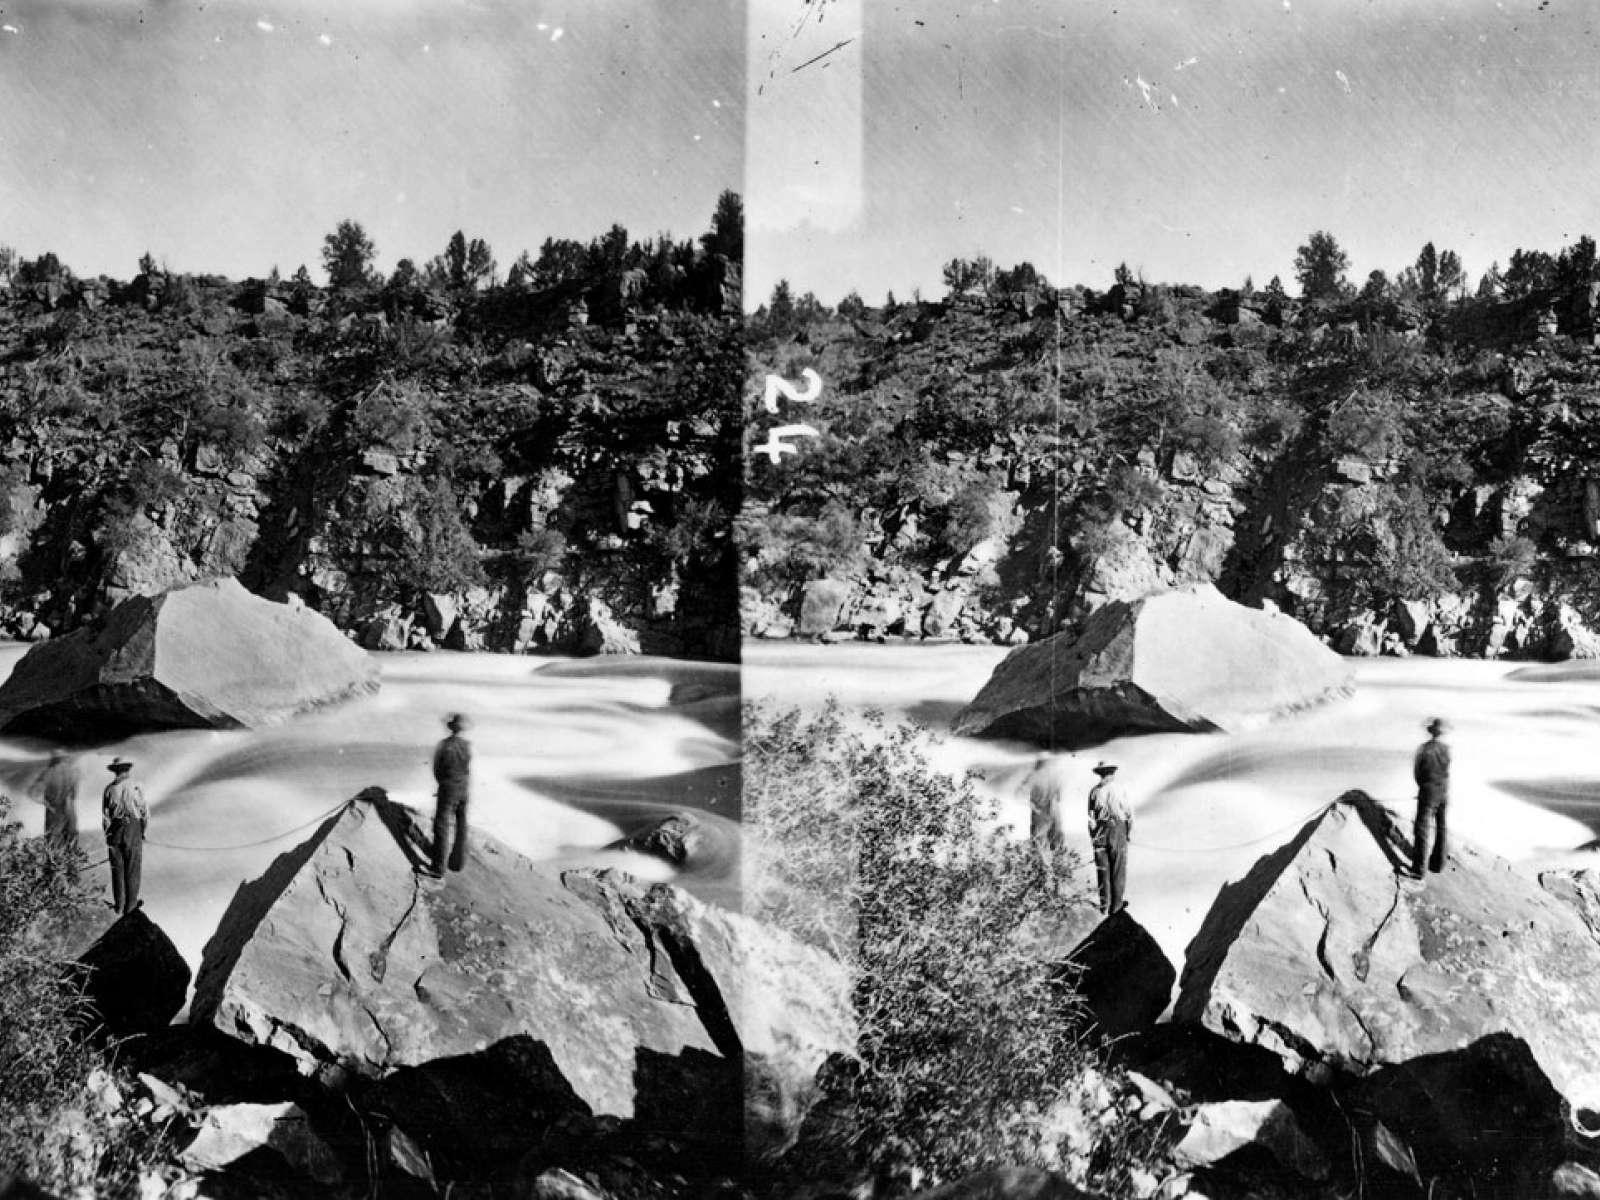 Portage of boats Ashley Falls, Daggett County, Utah. 1871